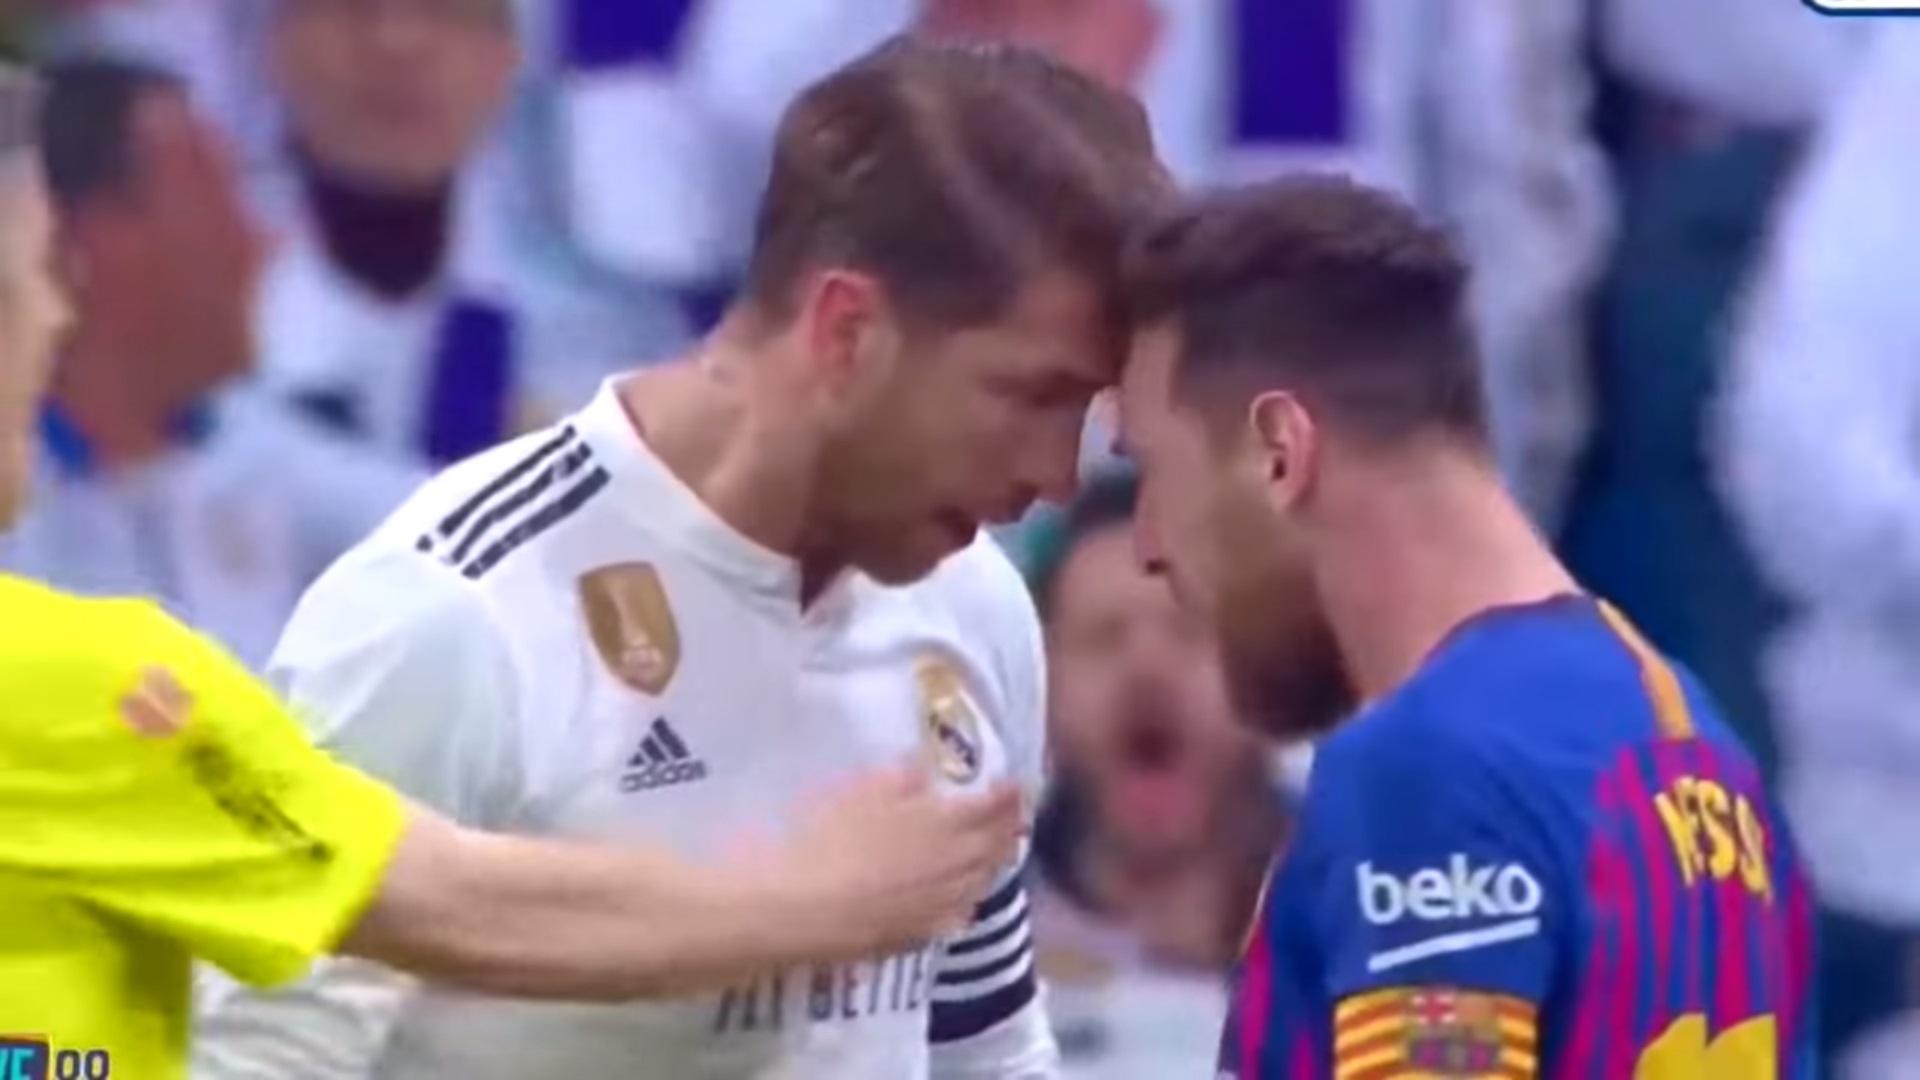 (+VIDEO) ¡Tenso Clásico! El enfrentamiento entre Sergio Ramos y Leonel Messi